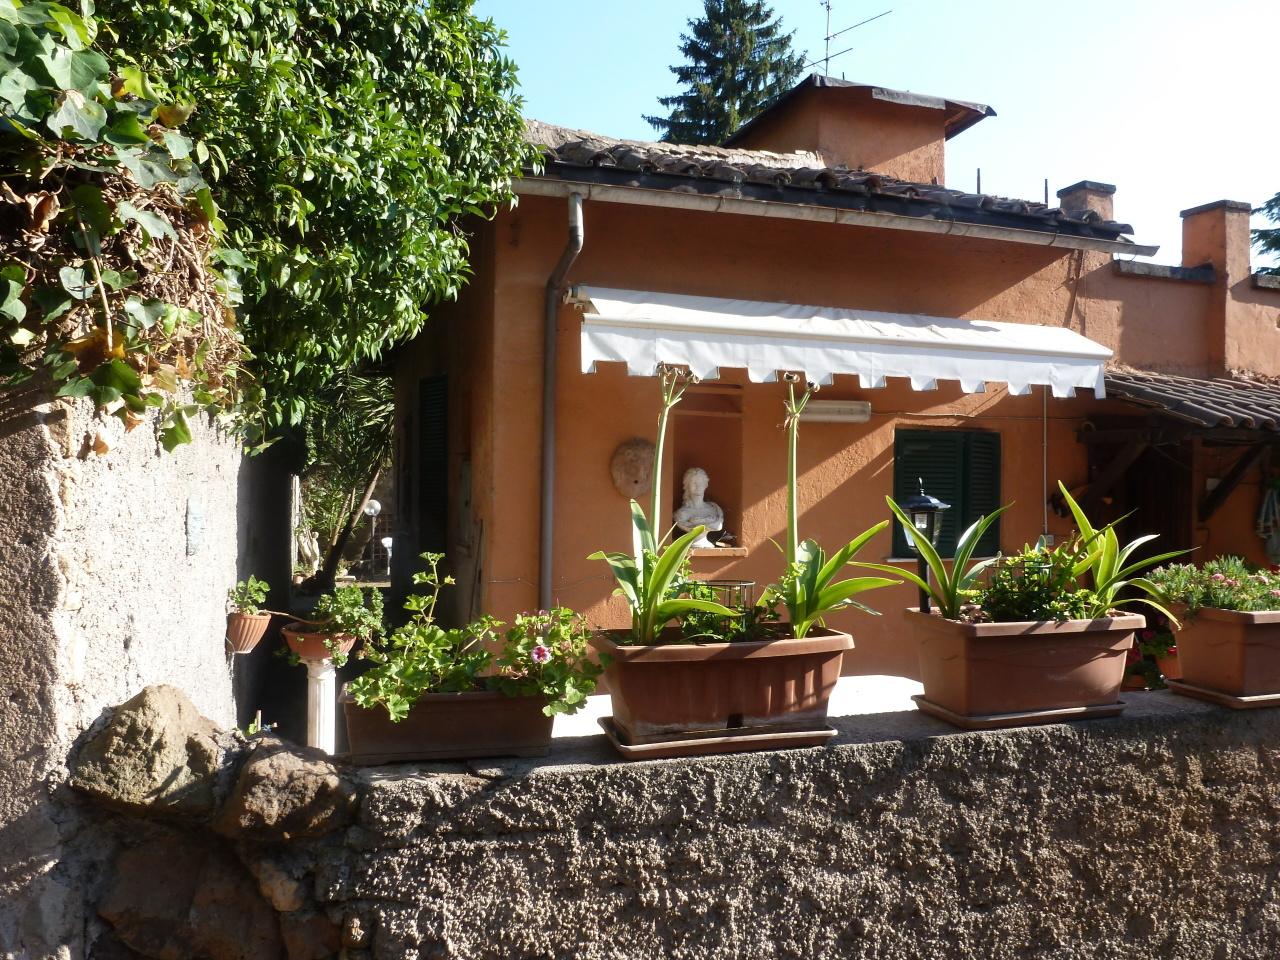 Soluzione Indipendente in vendita a Roma, 4 locali, prezzo € 590.000 | CambioCasa.it